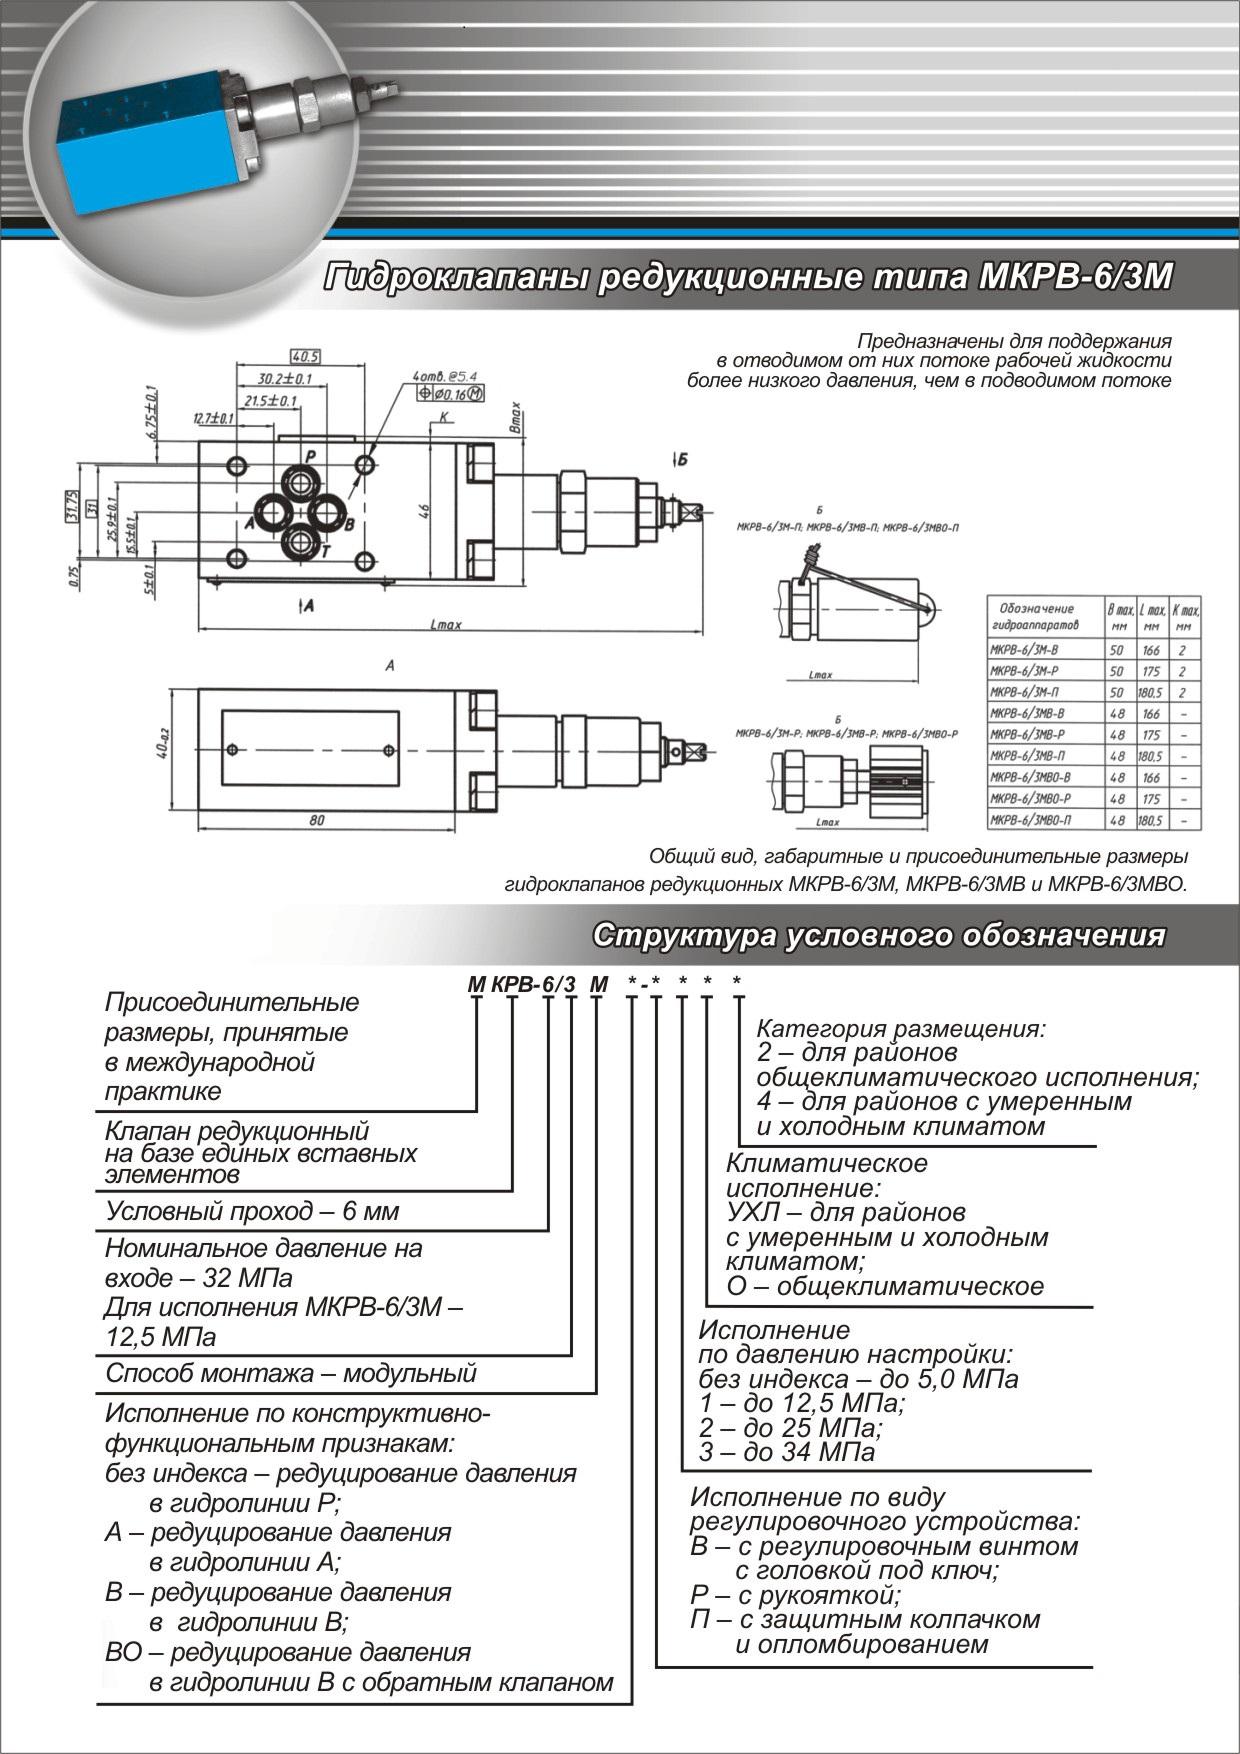 Gidroklapany-reduktsionnye-tipa-MKRV-6.3M